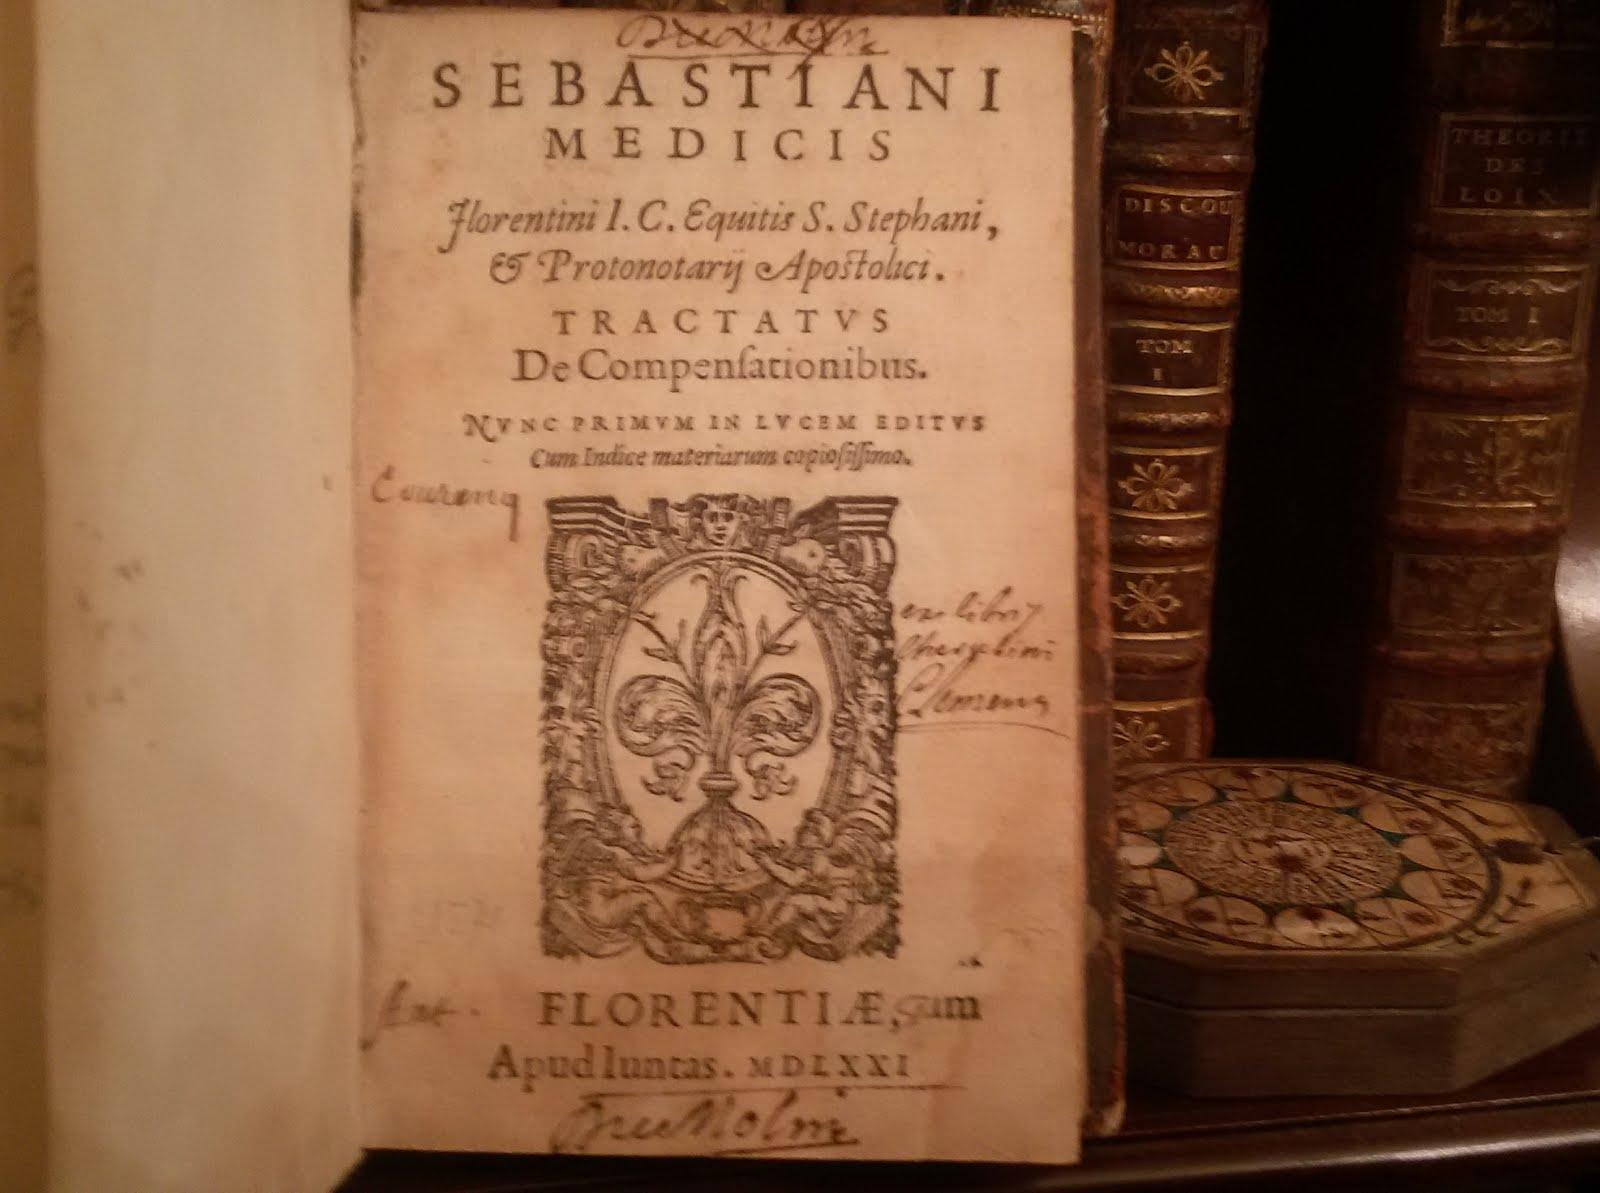 1571 SEBASTIAN MEDICIS